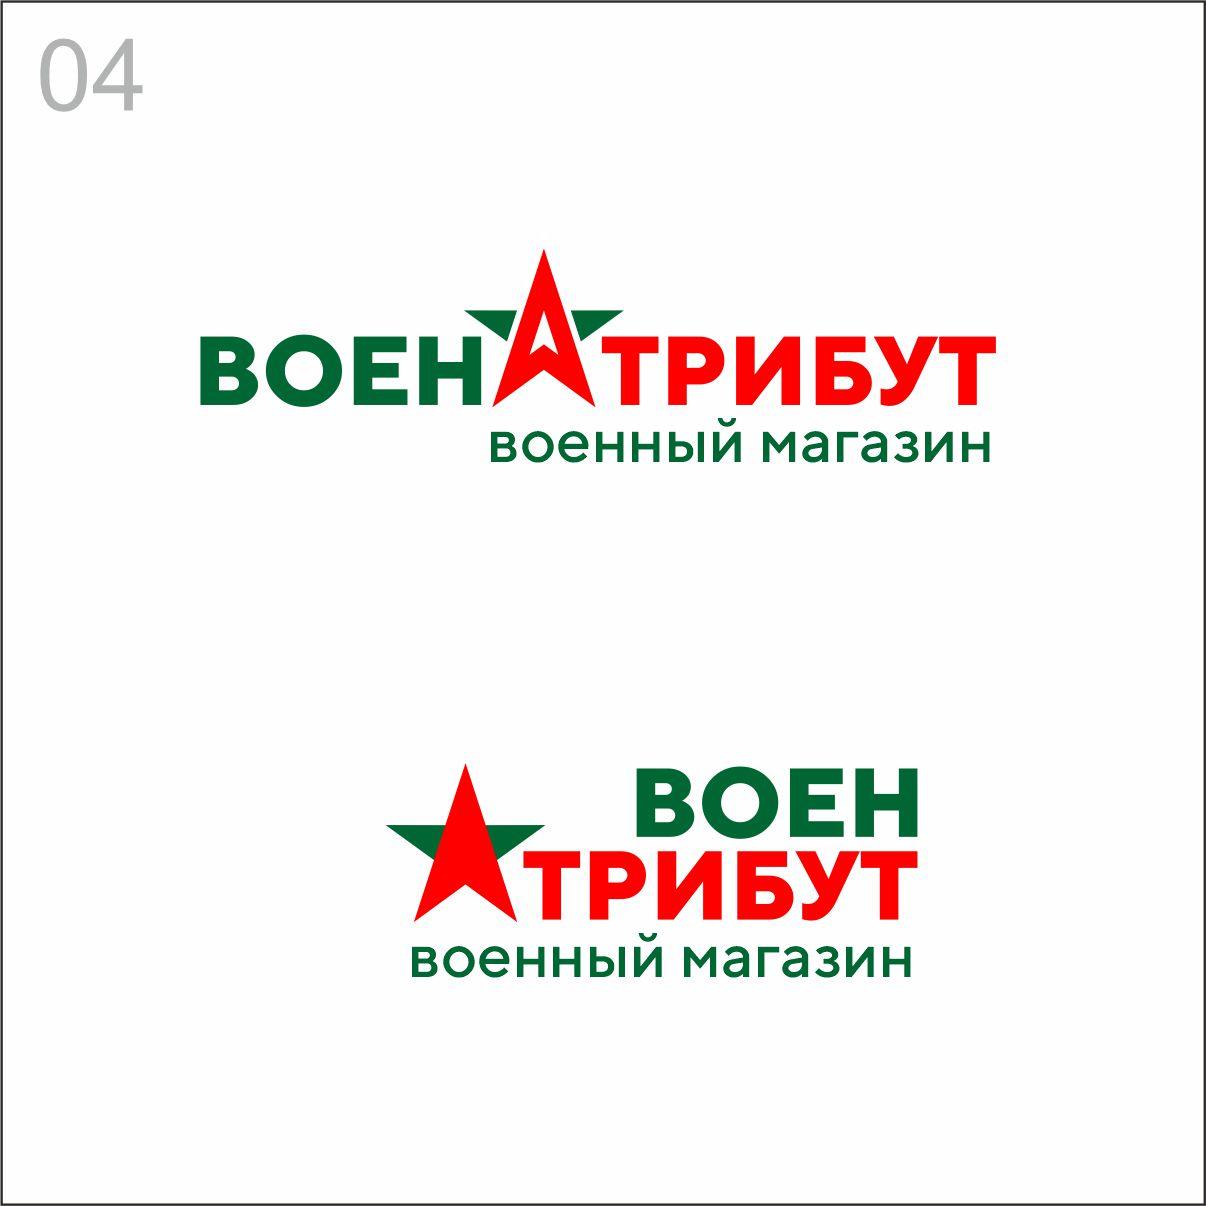 Разработка логотипа для компании военной тематики фото f_1866020b98b07531.jpg